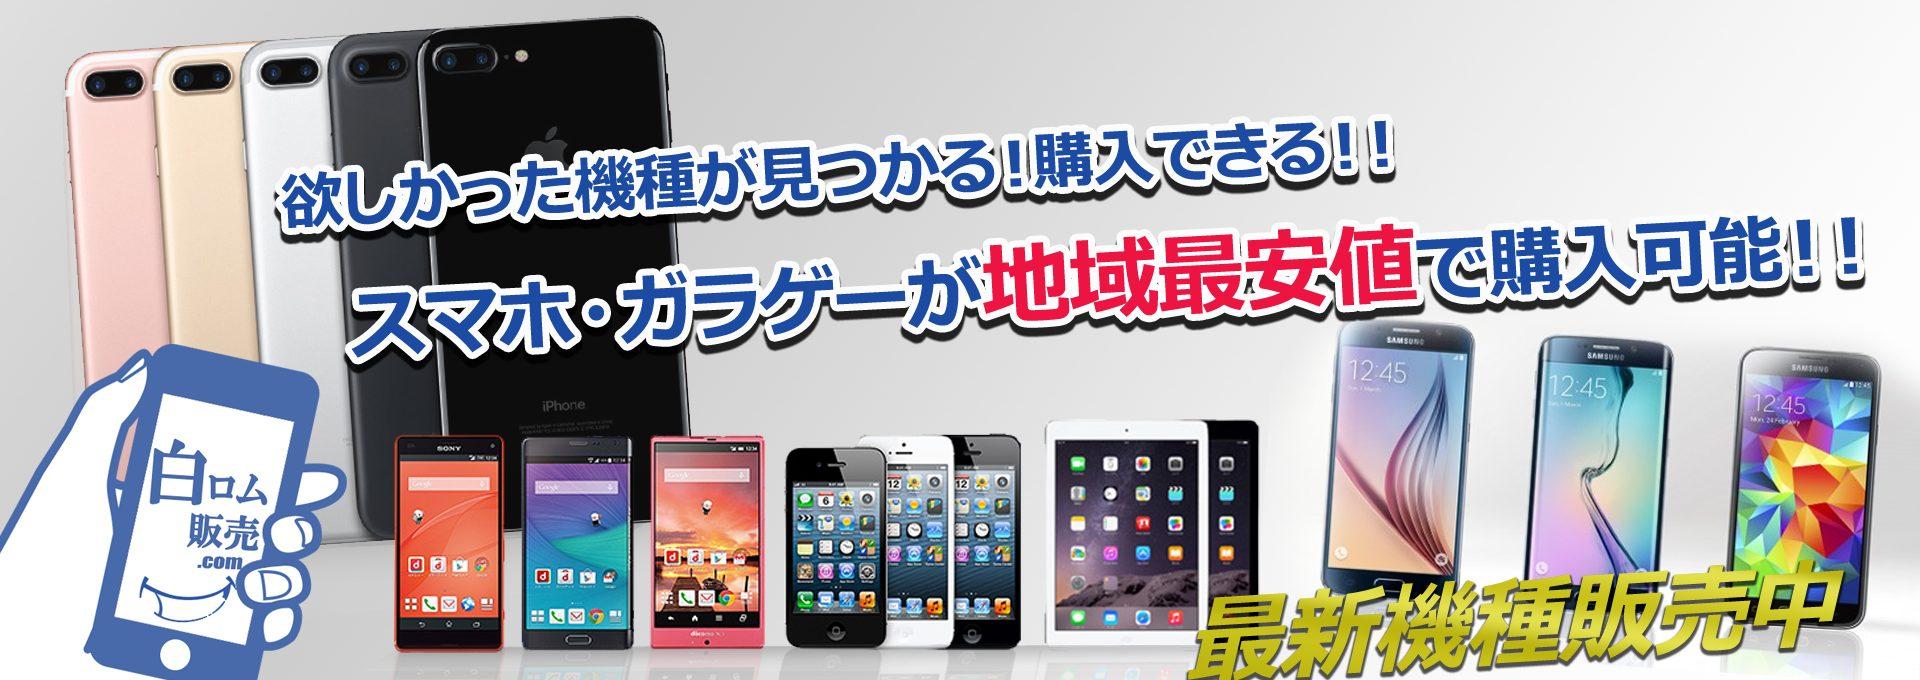 スマートフォン・携帯電話を買うなら白ロム販売.comにお任せ下さい!地域最安値!レアな機種が見つかります!